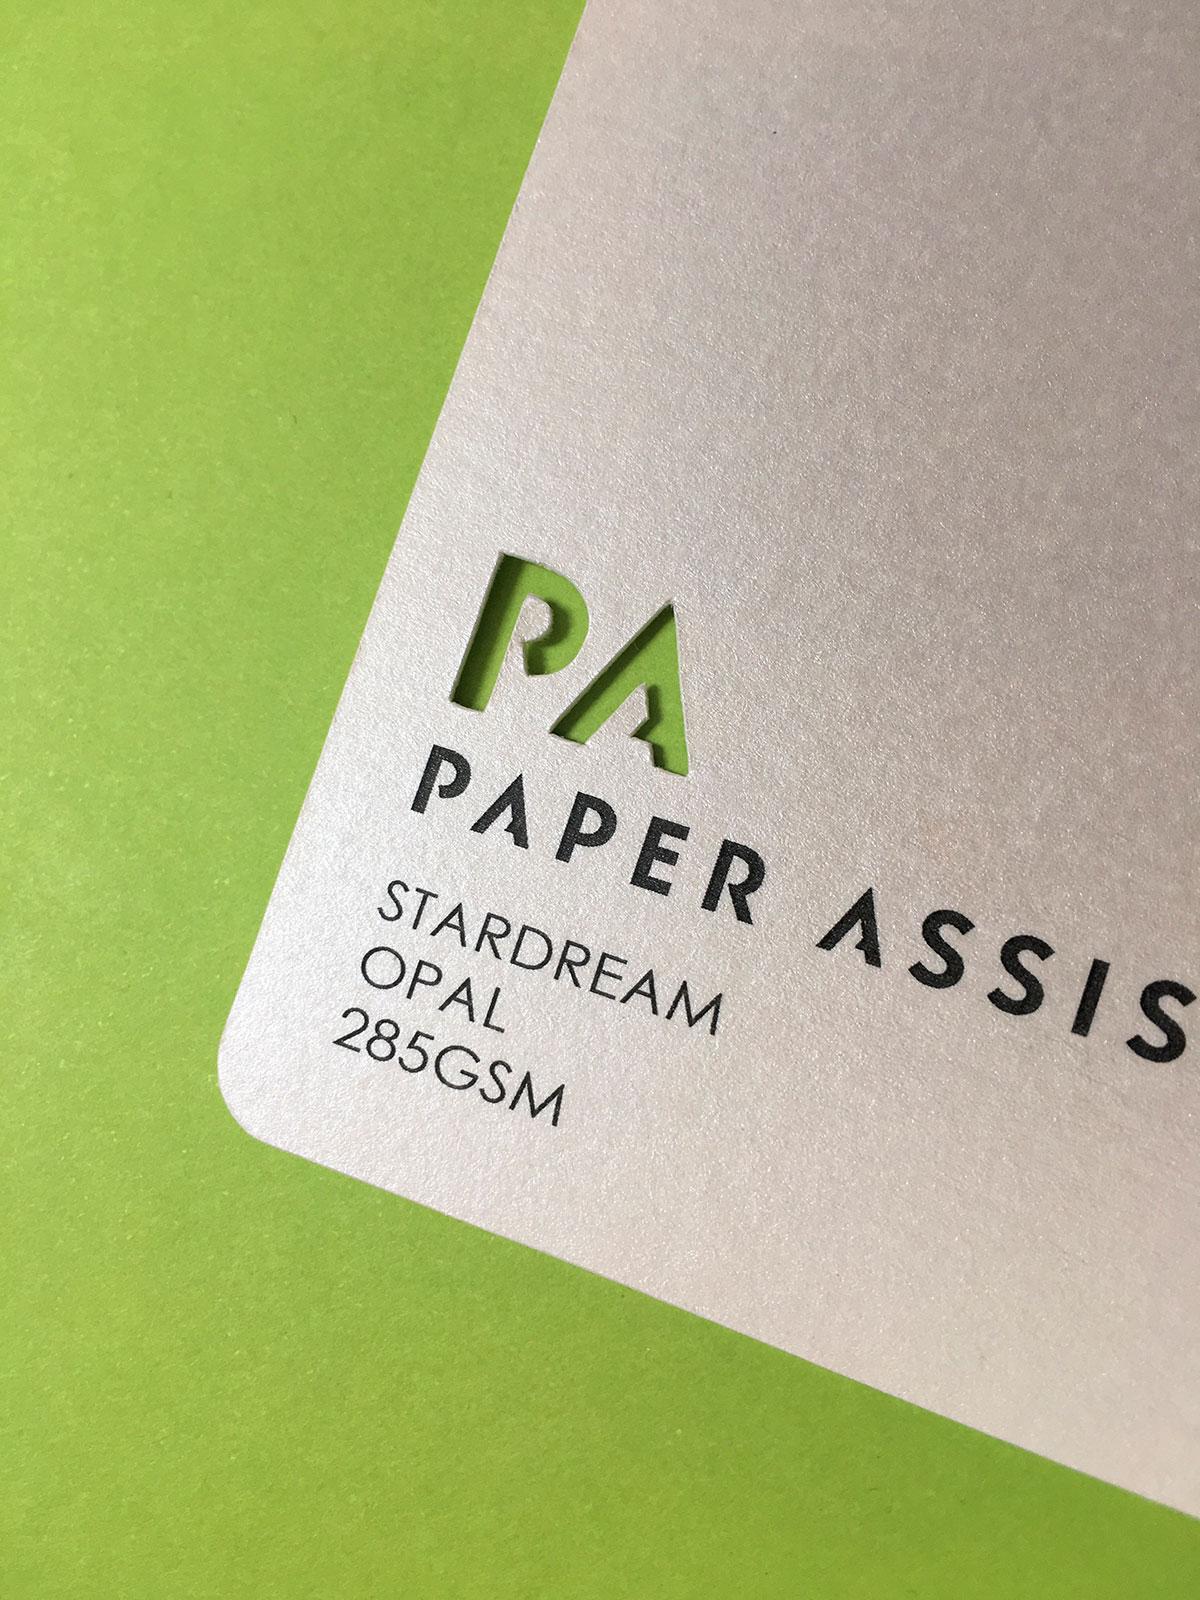 Paper Assist Dublin Packaging Design